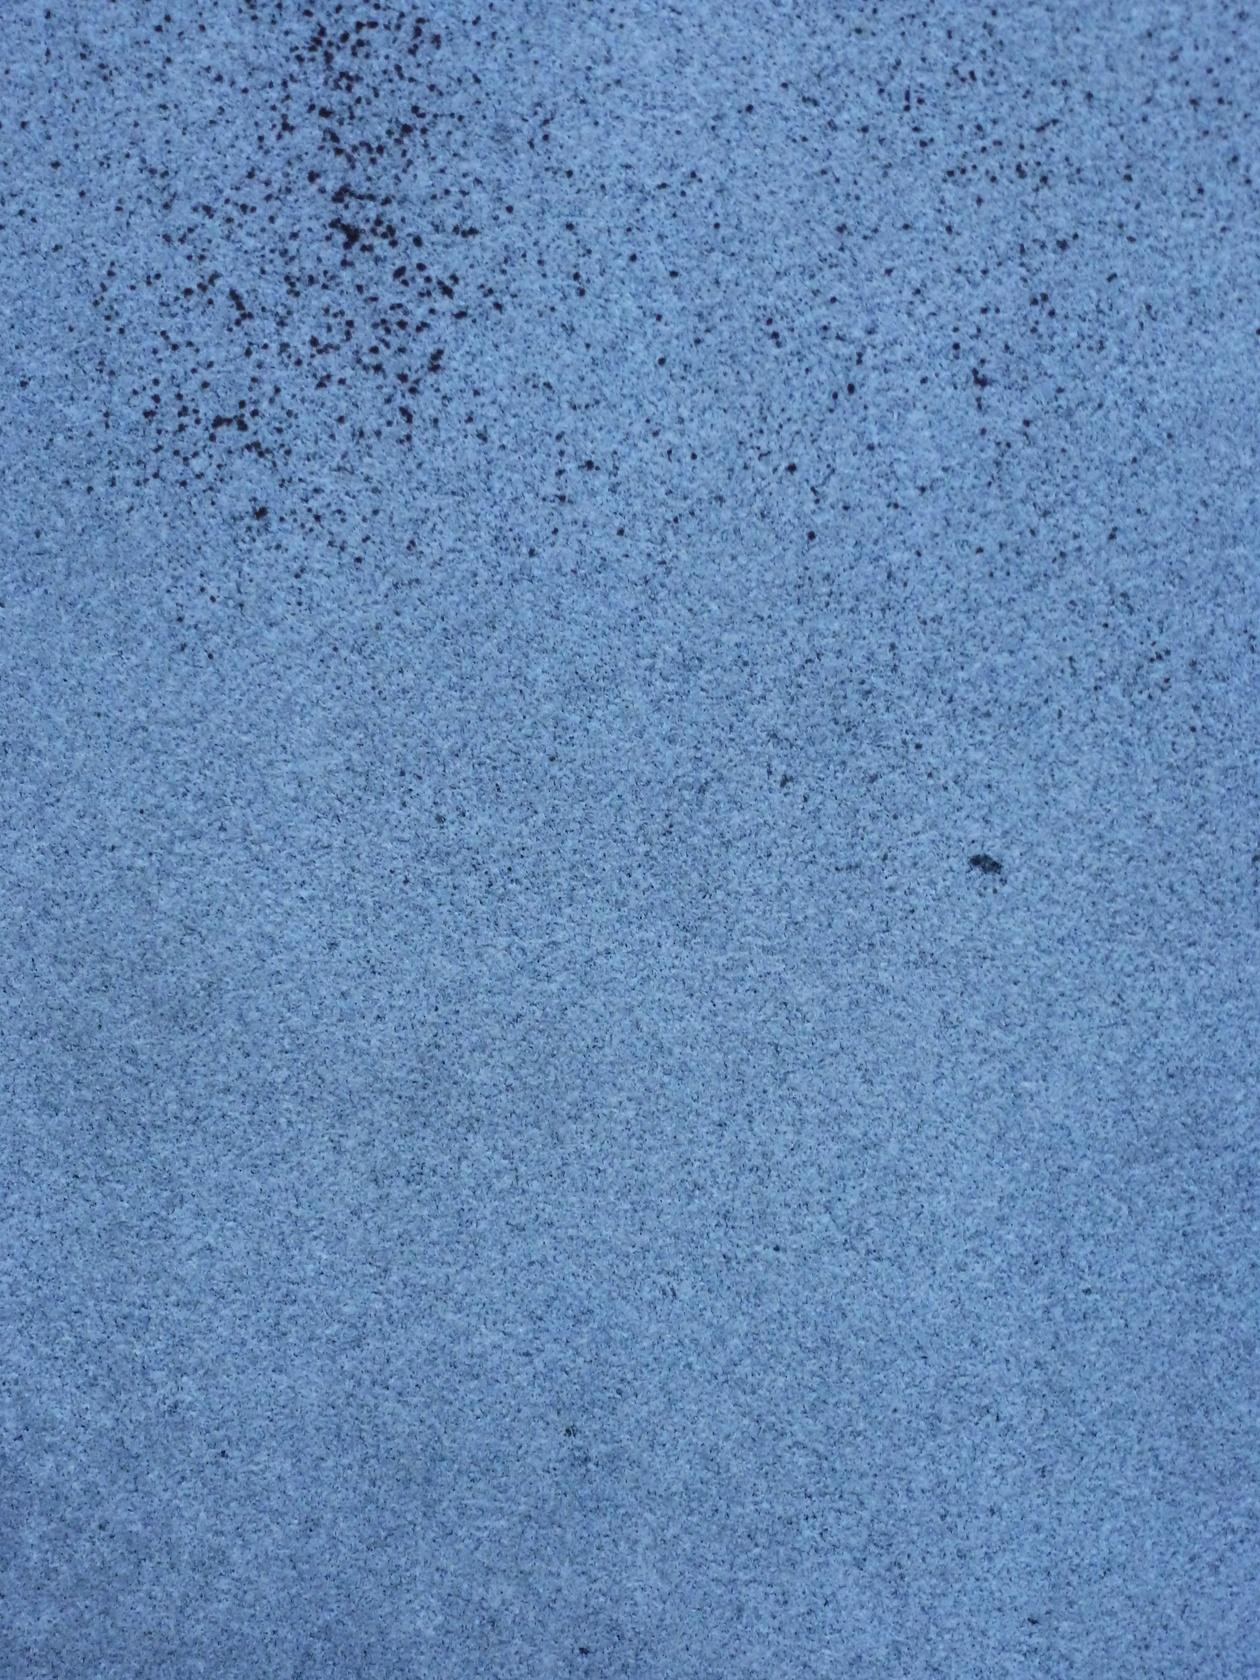 Blue stone texture Photoshop brush